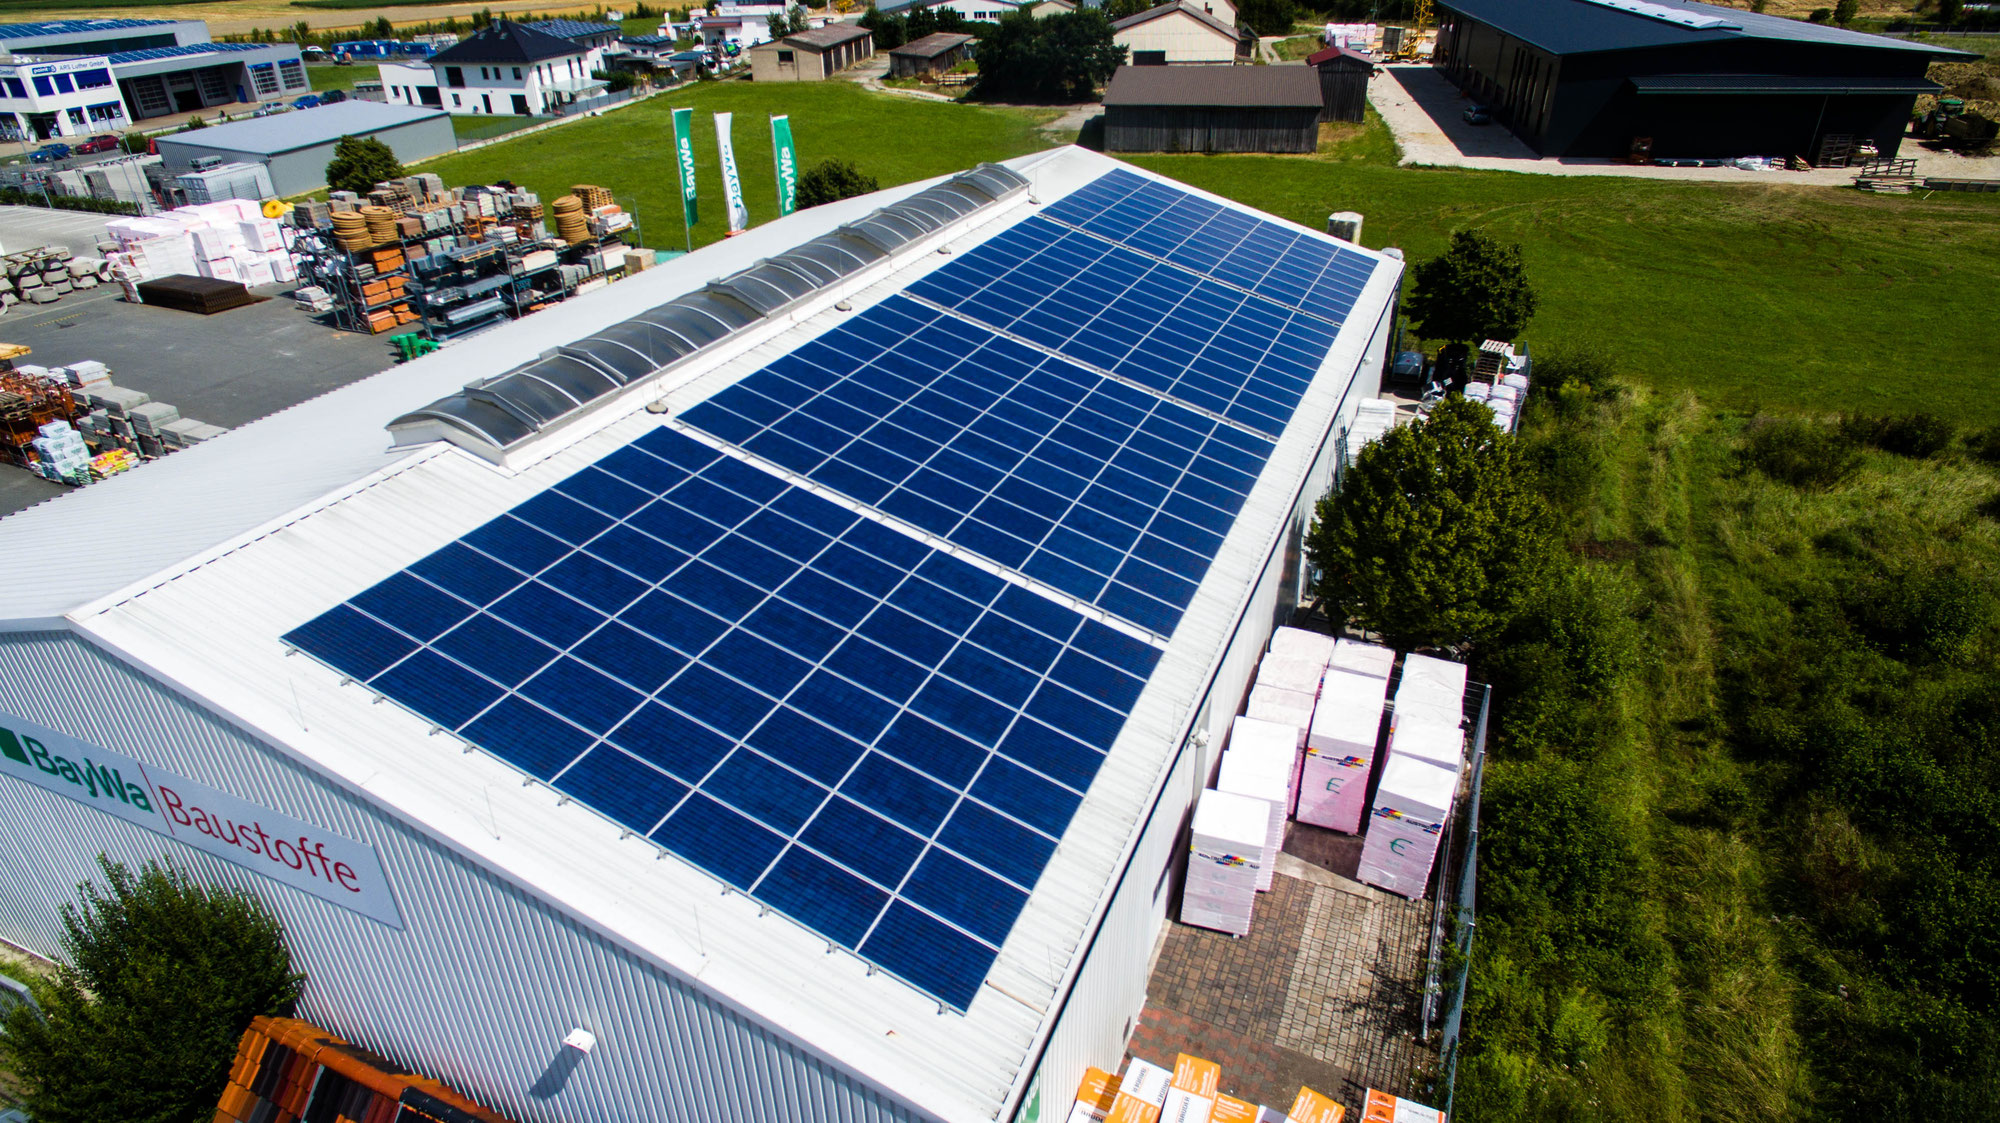 Wärmepumpe Erdwärme und Solaranlage für Strom